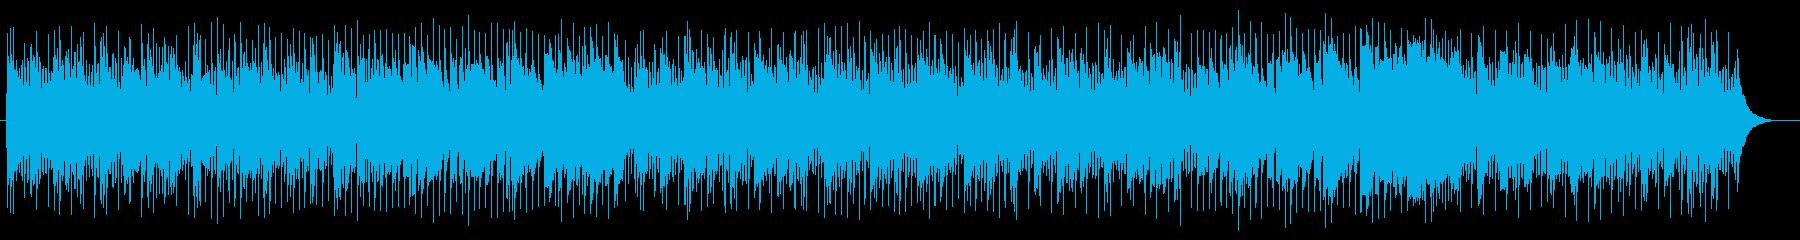 エレキギターとピアノ楽しいポップサウンドの再生済みの波形